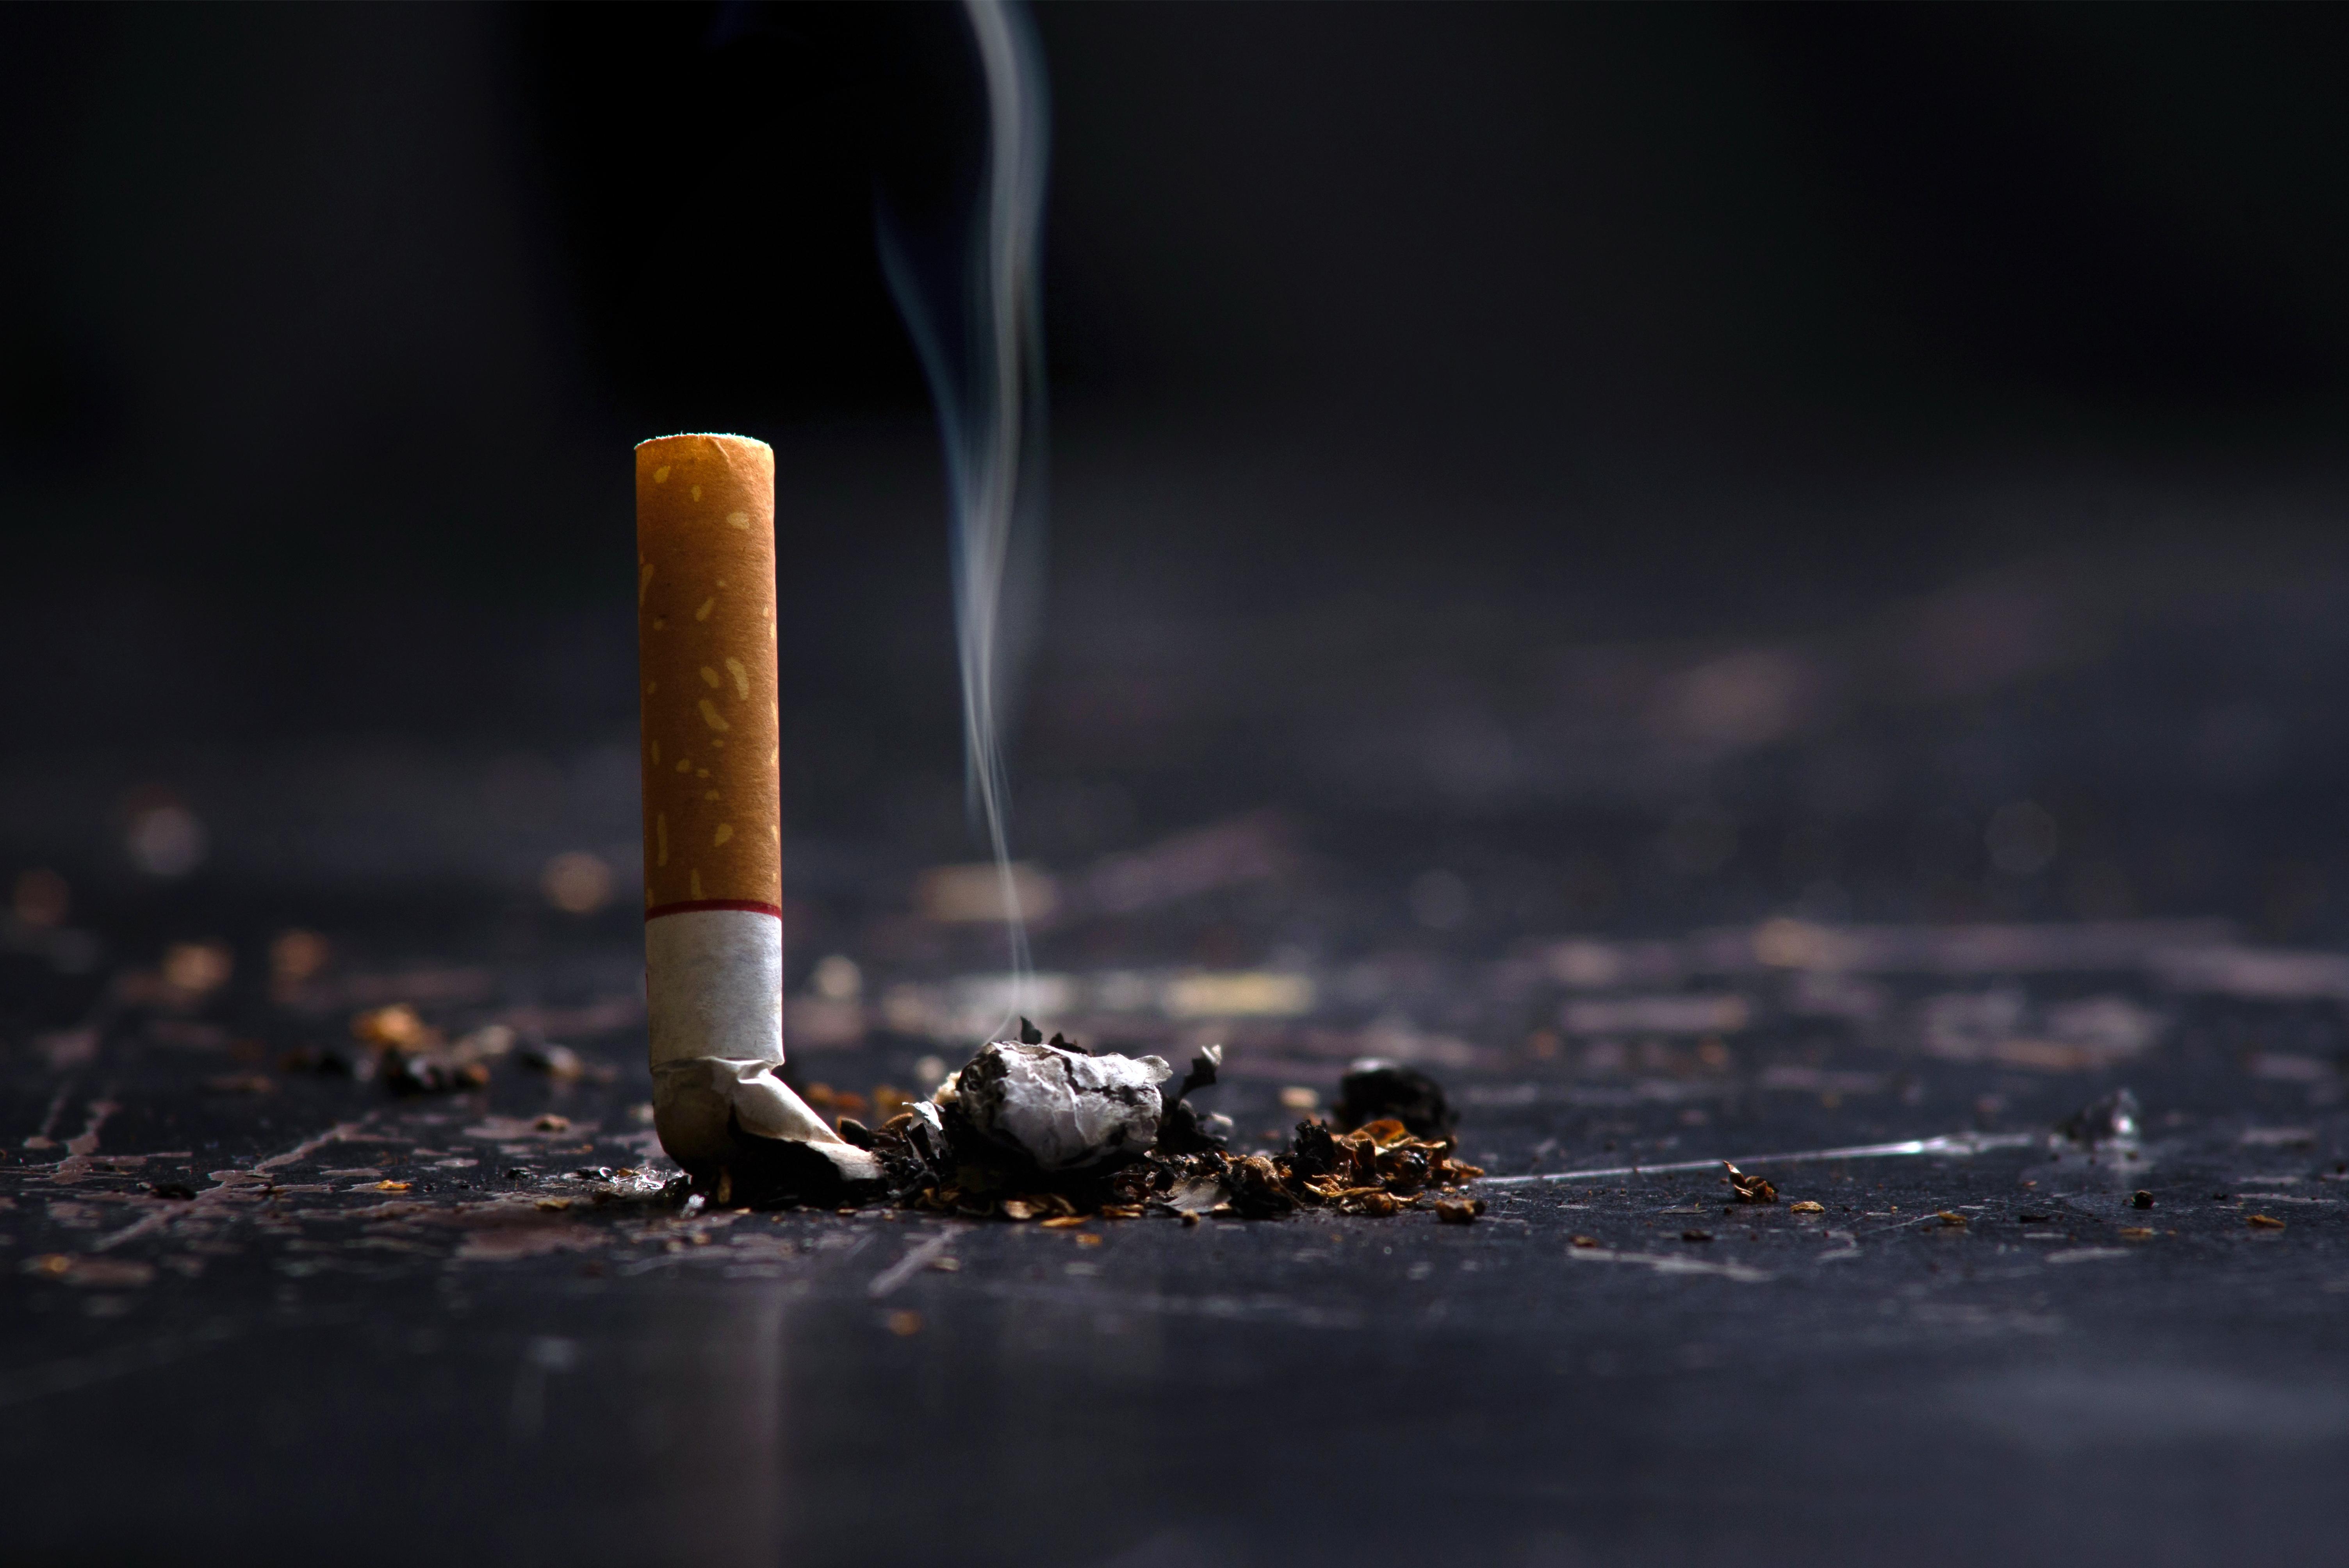 Philip Morris cere interzicerea țigărilor: Cu cât se întâmplă mai repede este mai bine pentru toată lumea